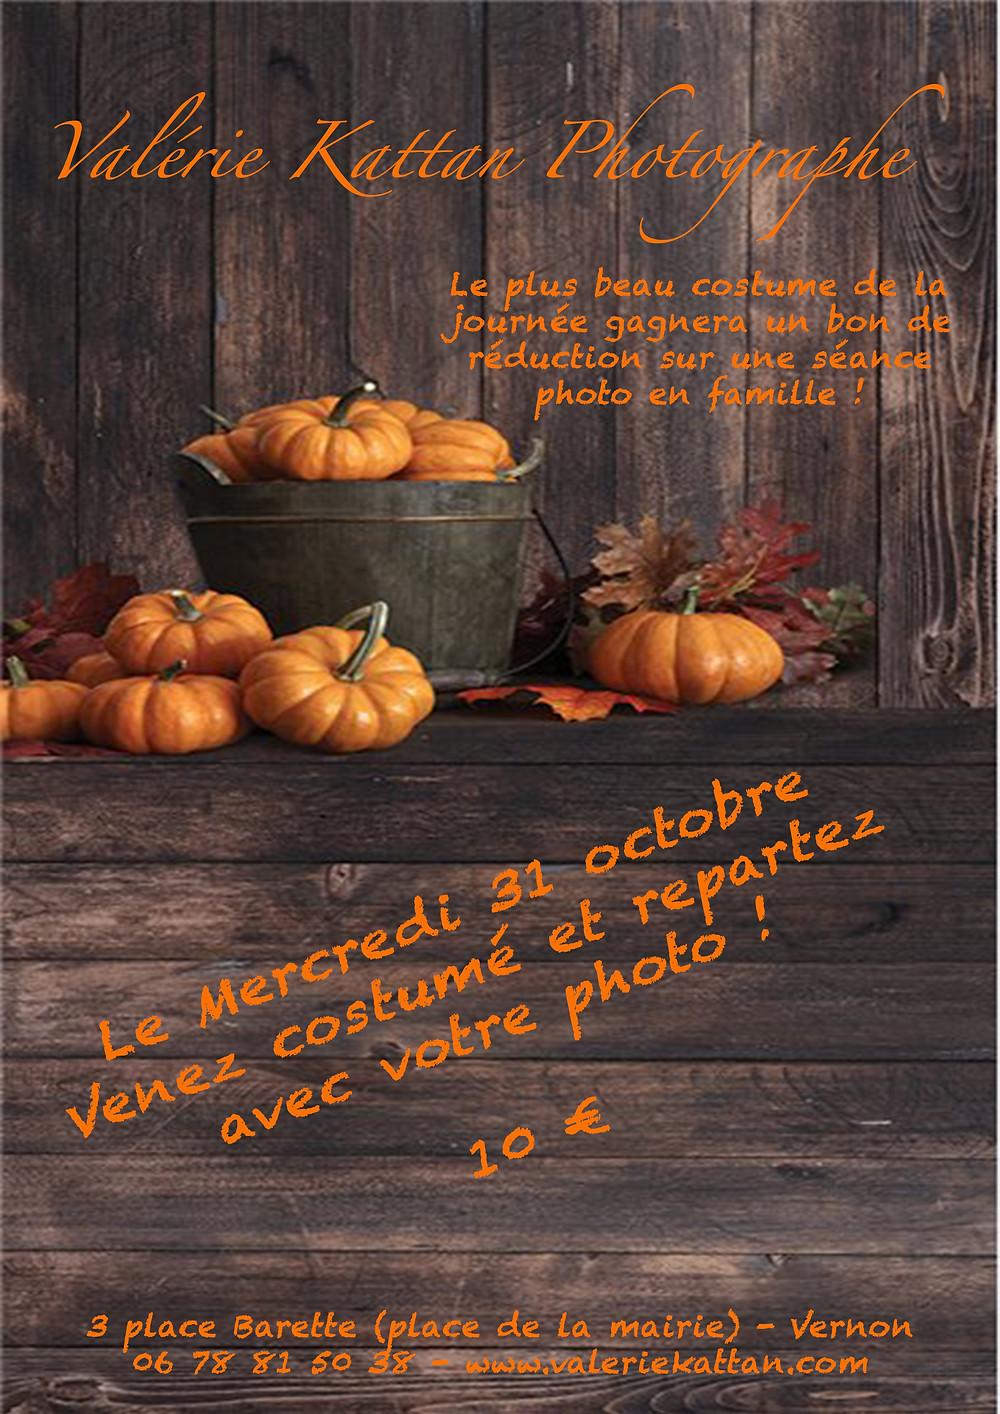 Flyer pour les photos d'halloween